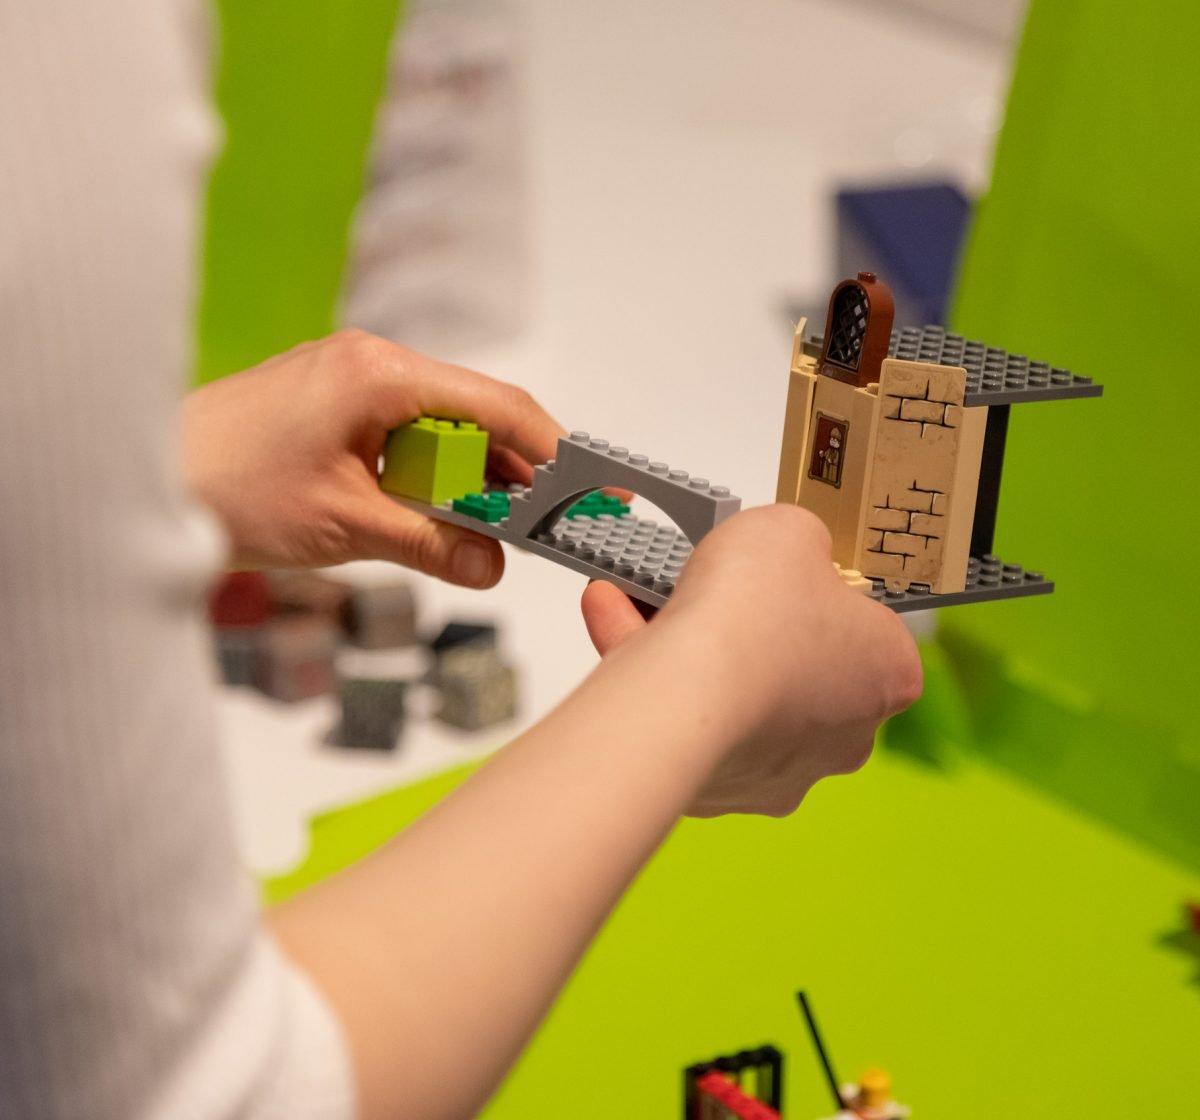 Maker activities